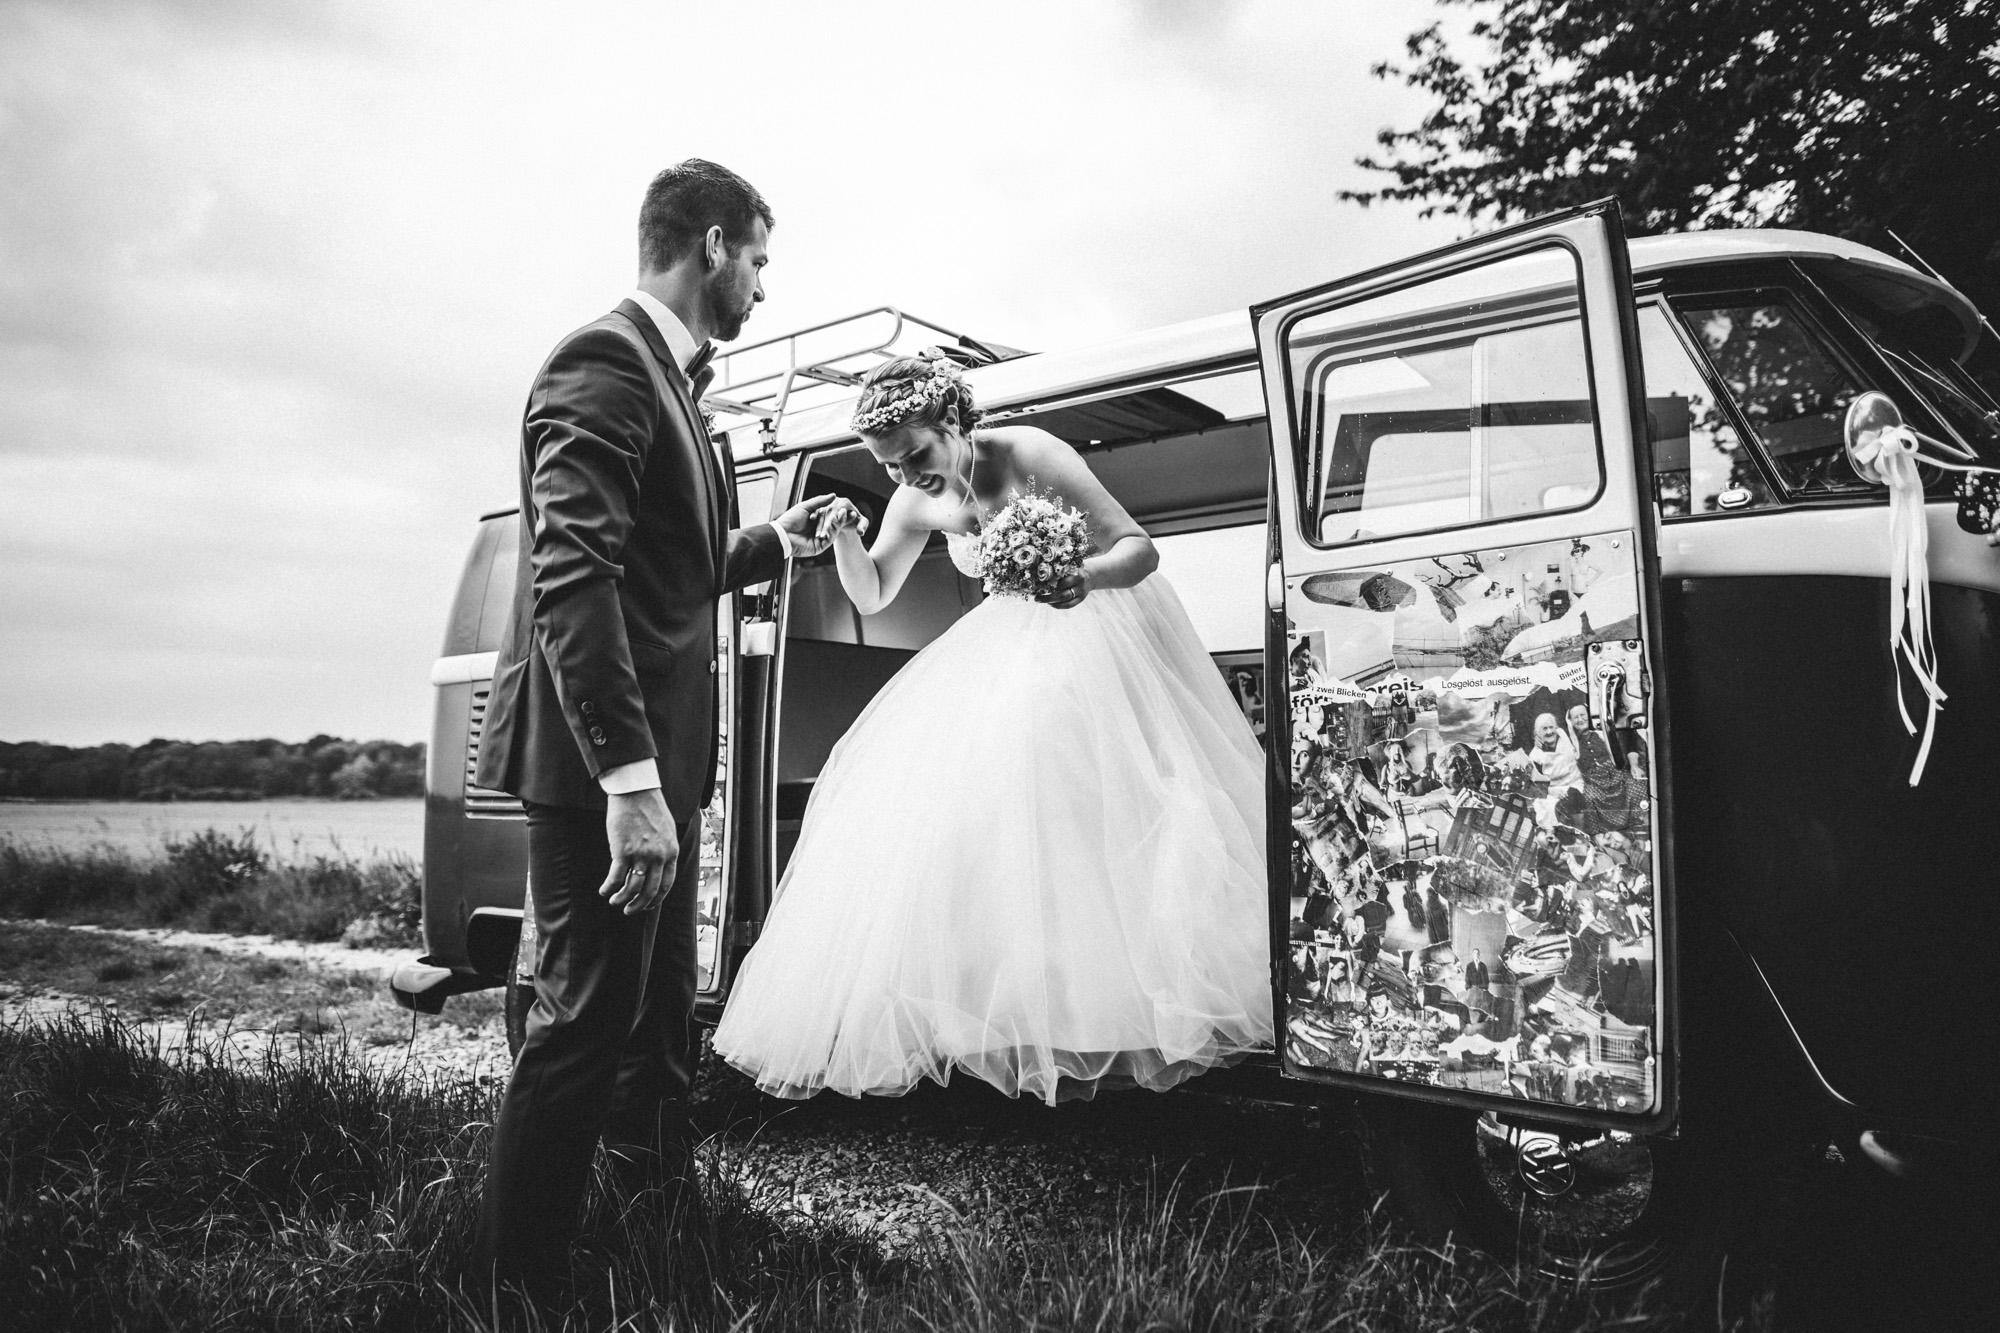 hannah und elias 364 - Schwarz-Weiß Hochzeit